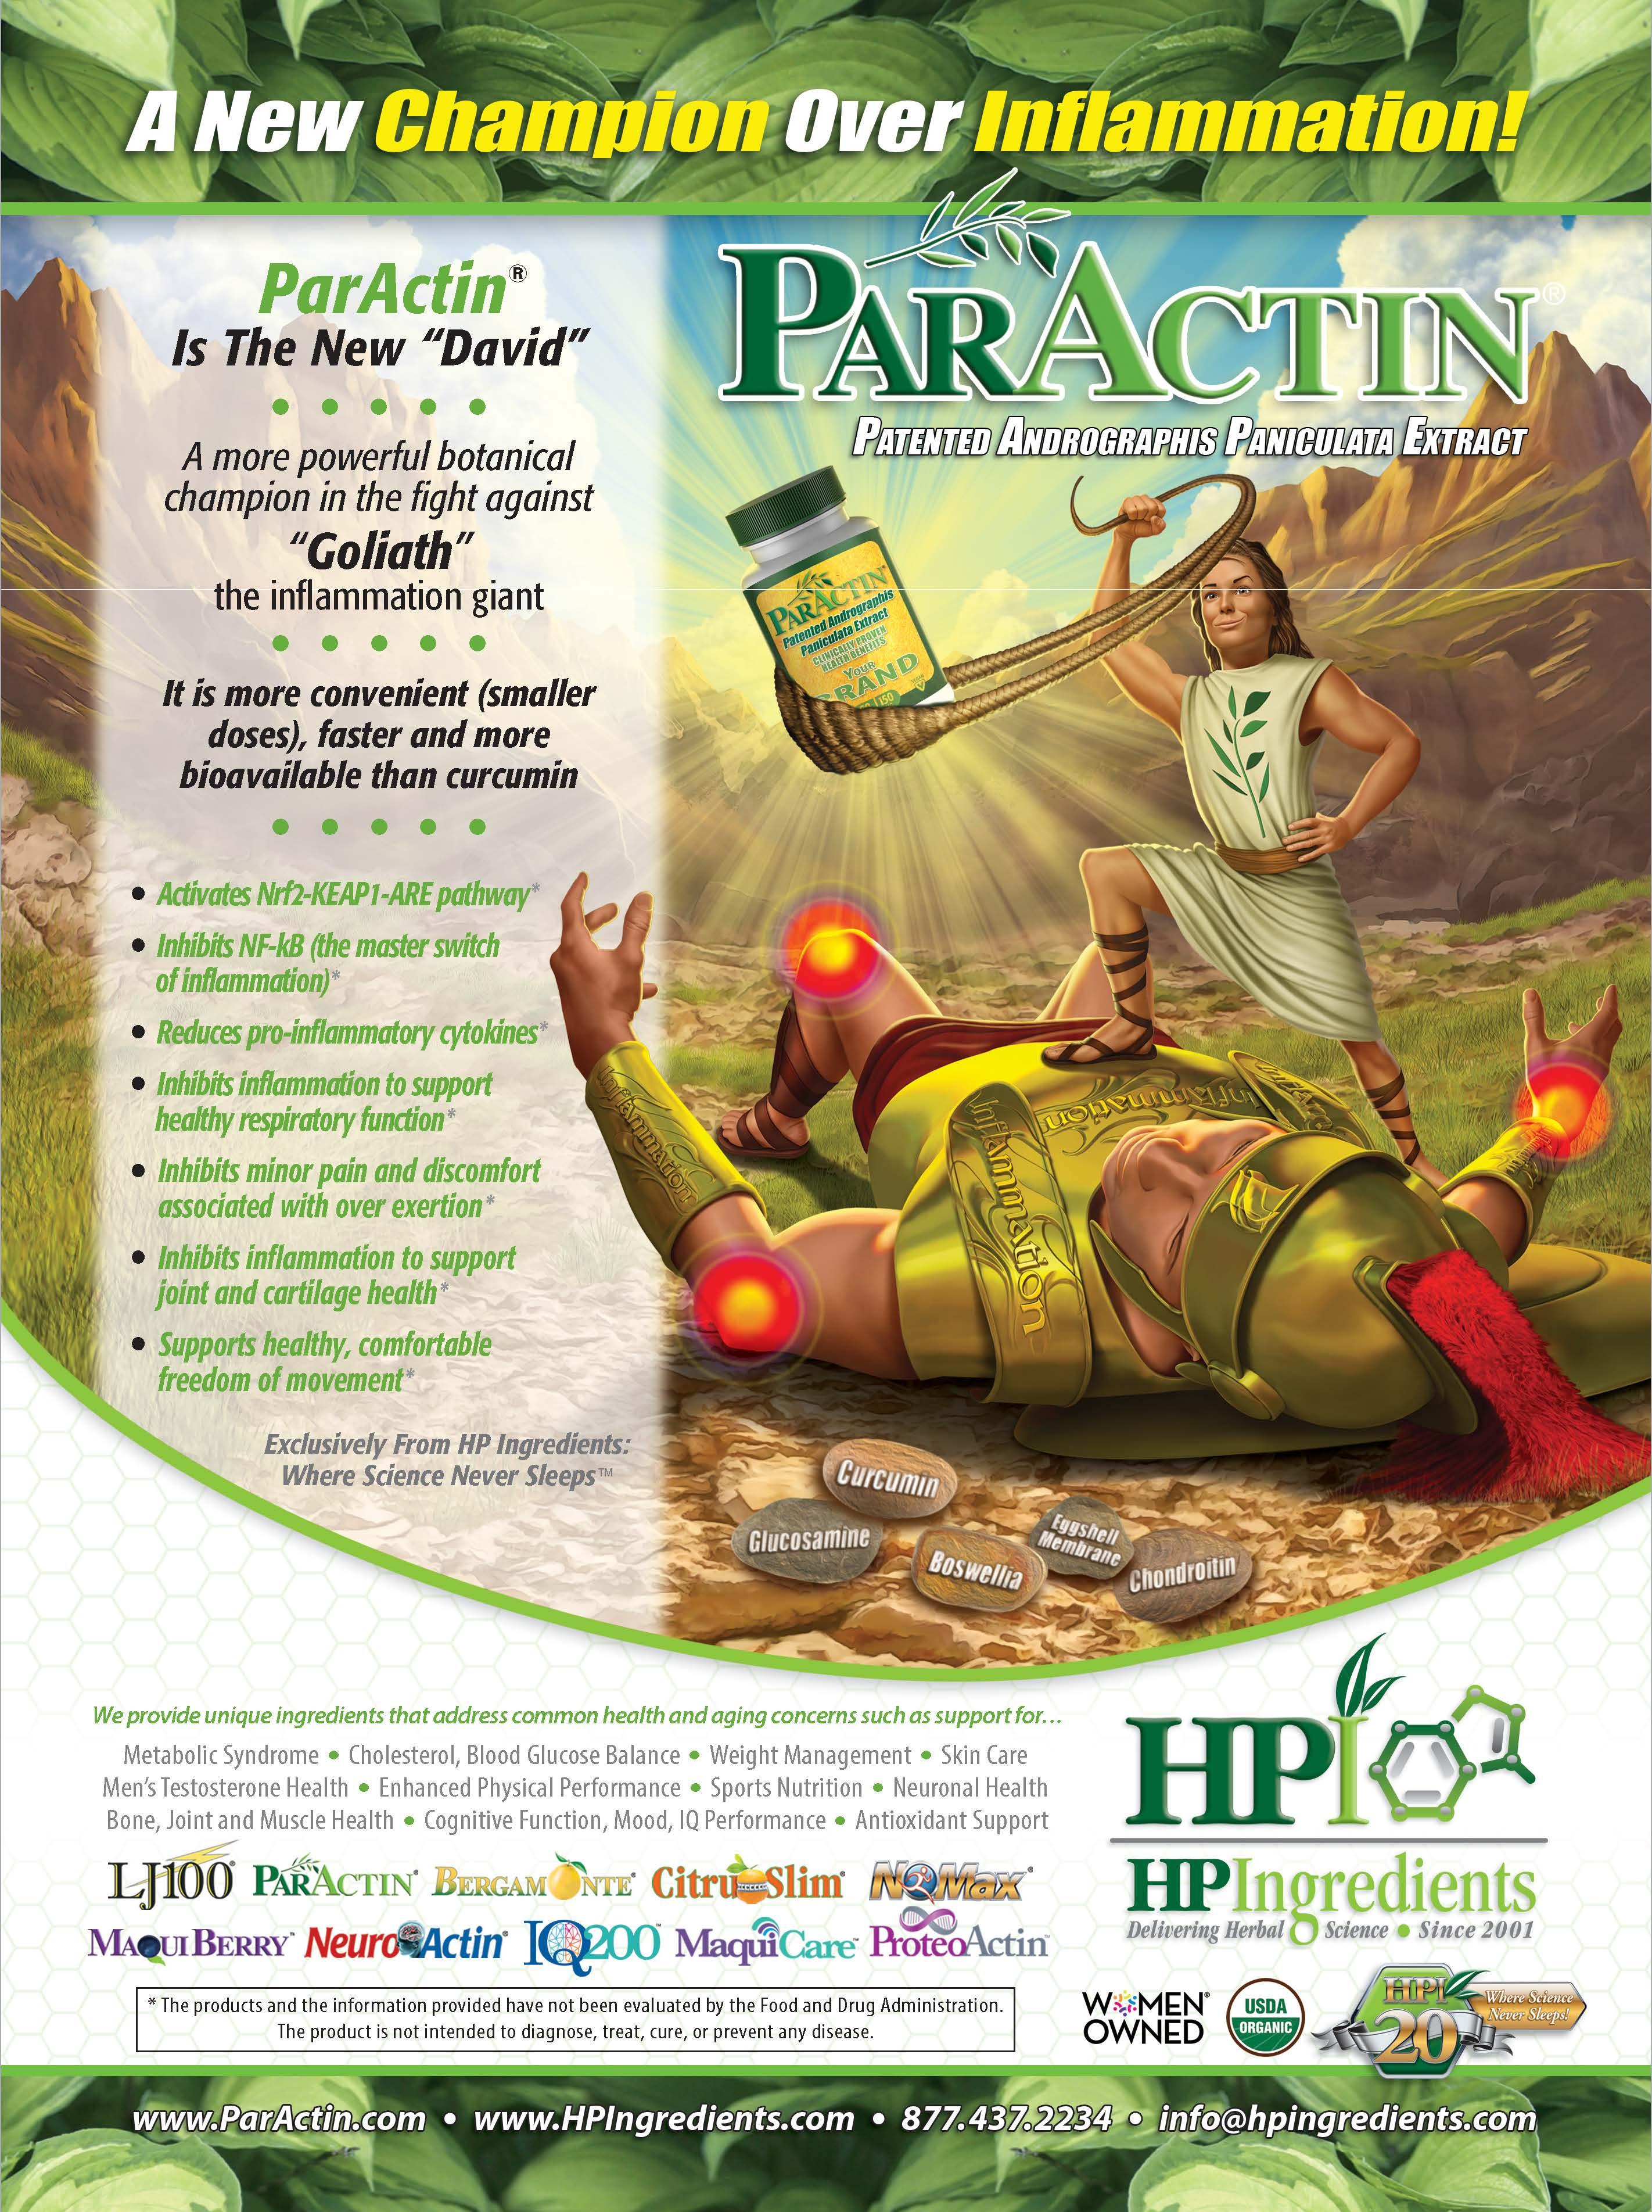 hpi_natprodinsider_fpg_inflamation